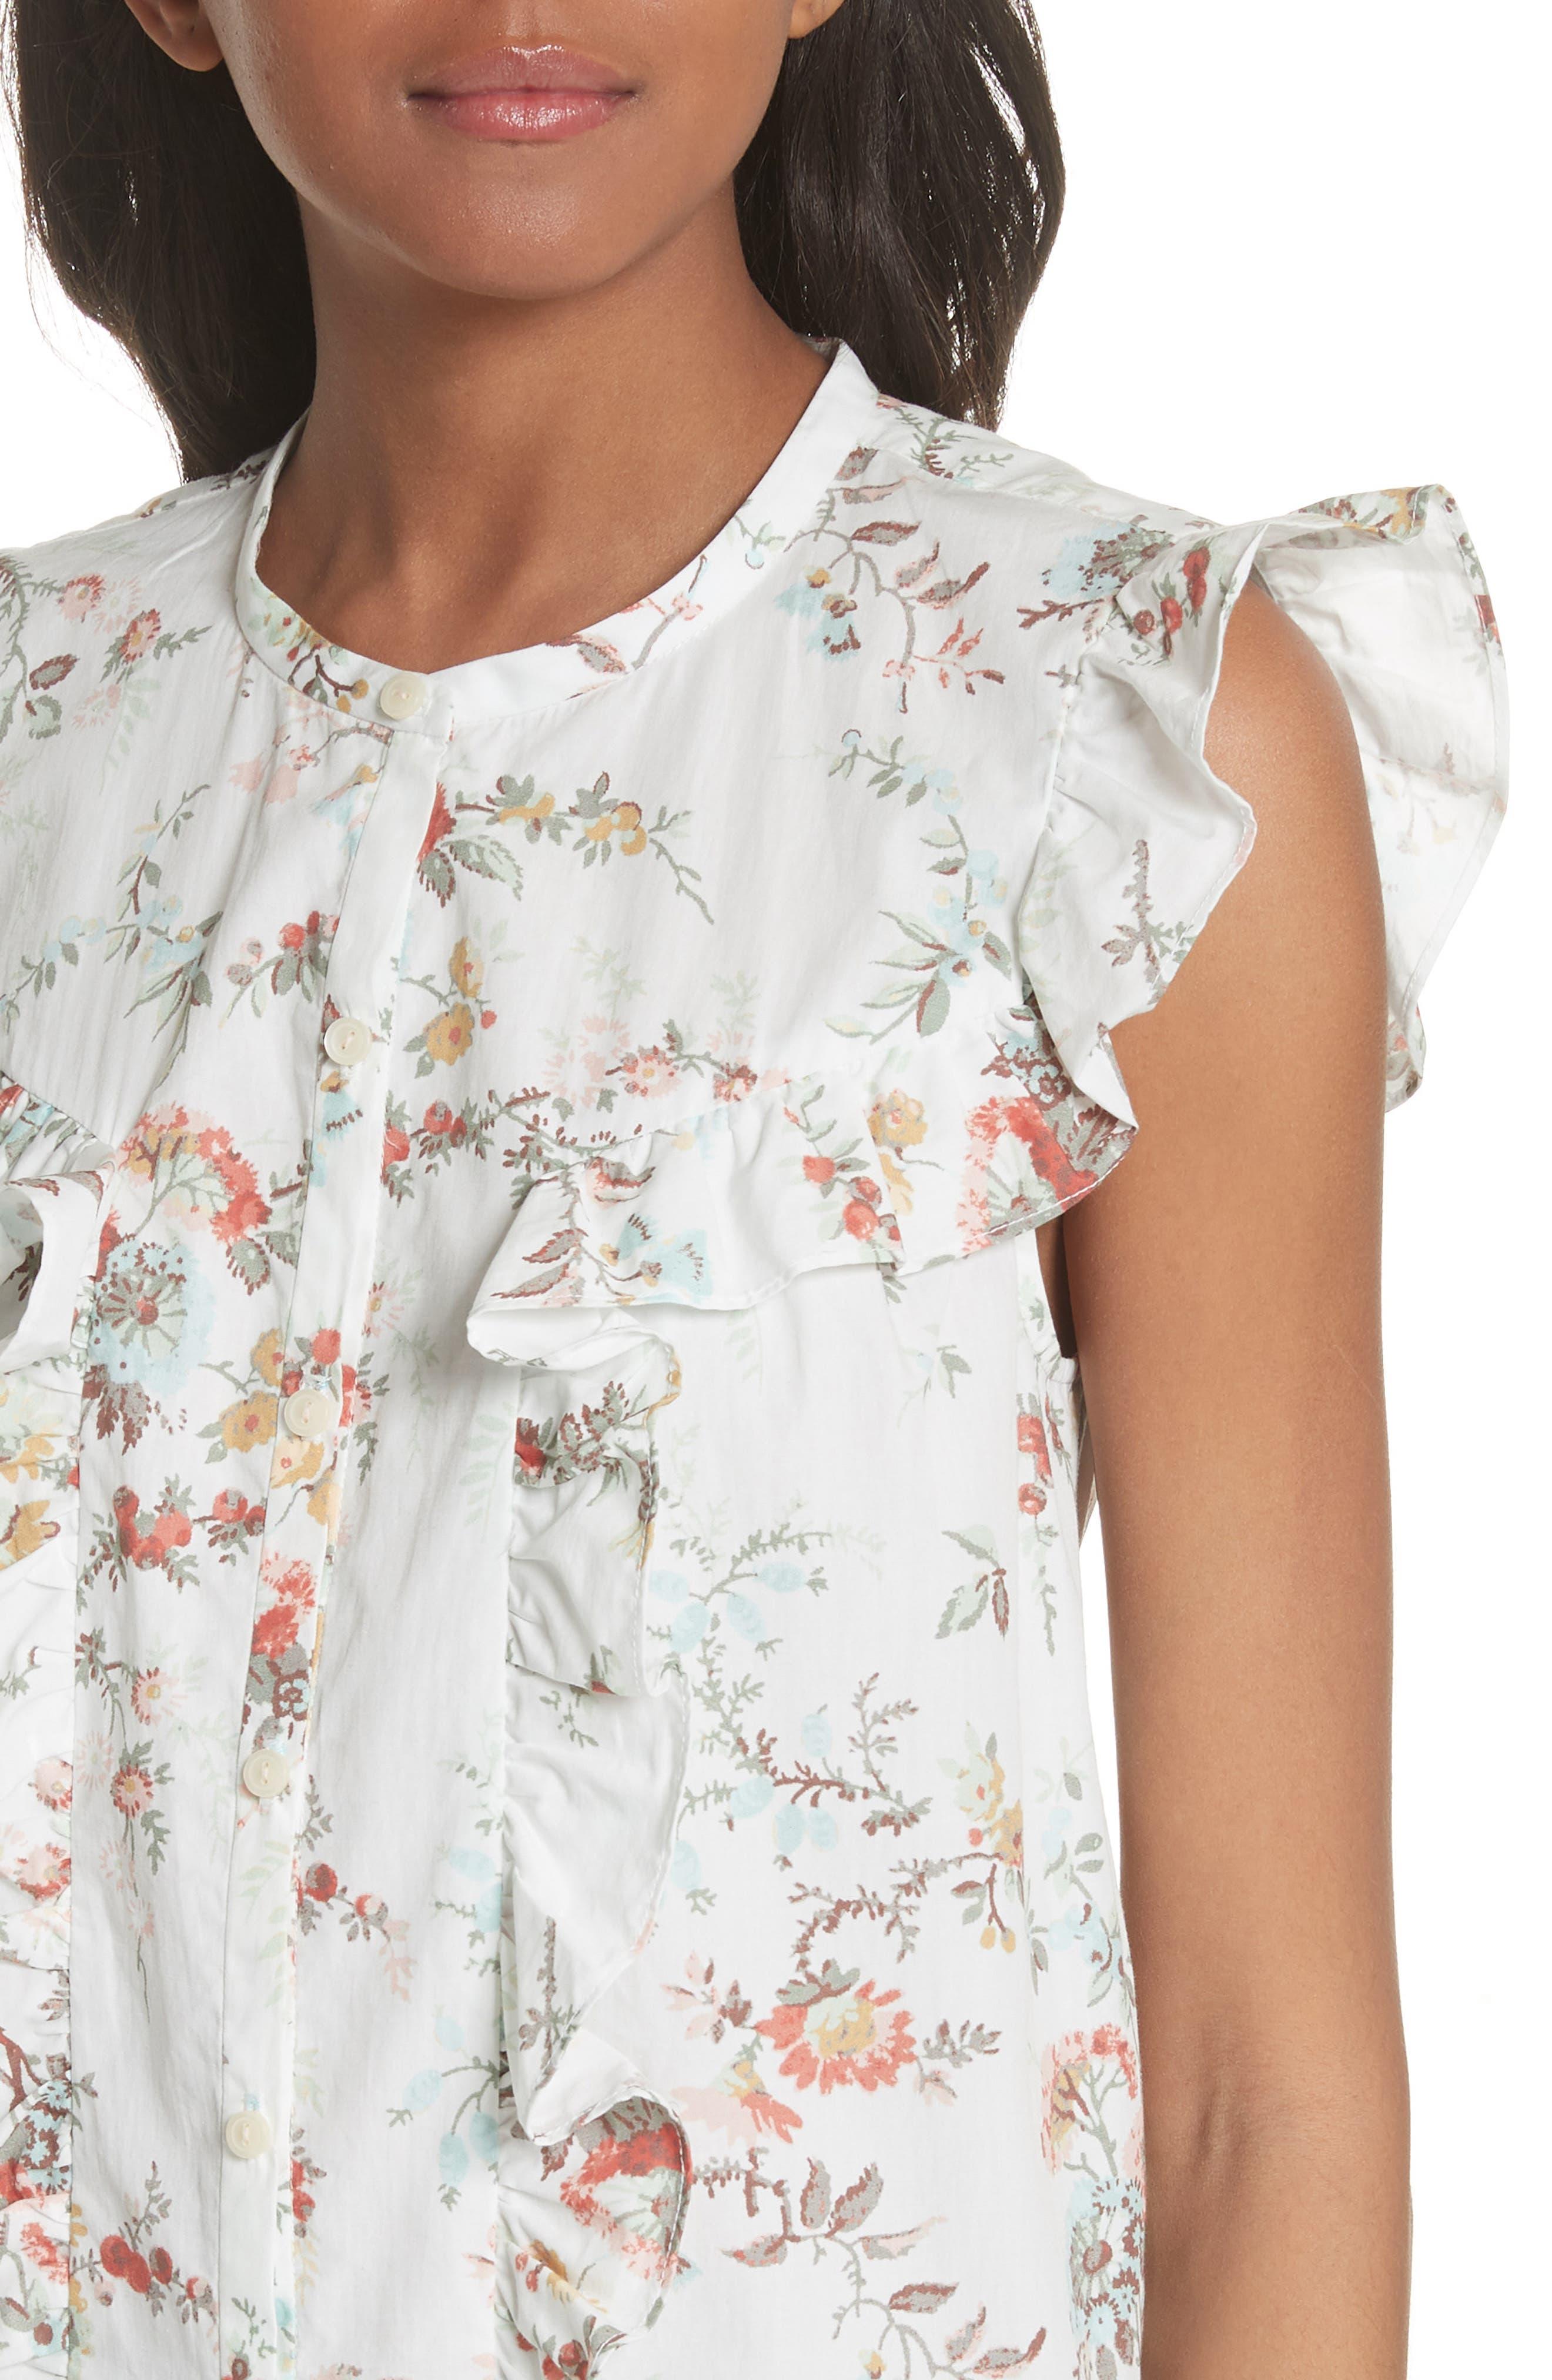 Belle Ruffle Floral Cotton Top,                             Alternate thumbnail 4, color,                             Milk Combo